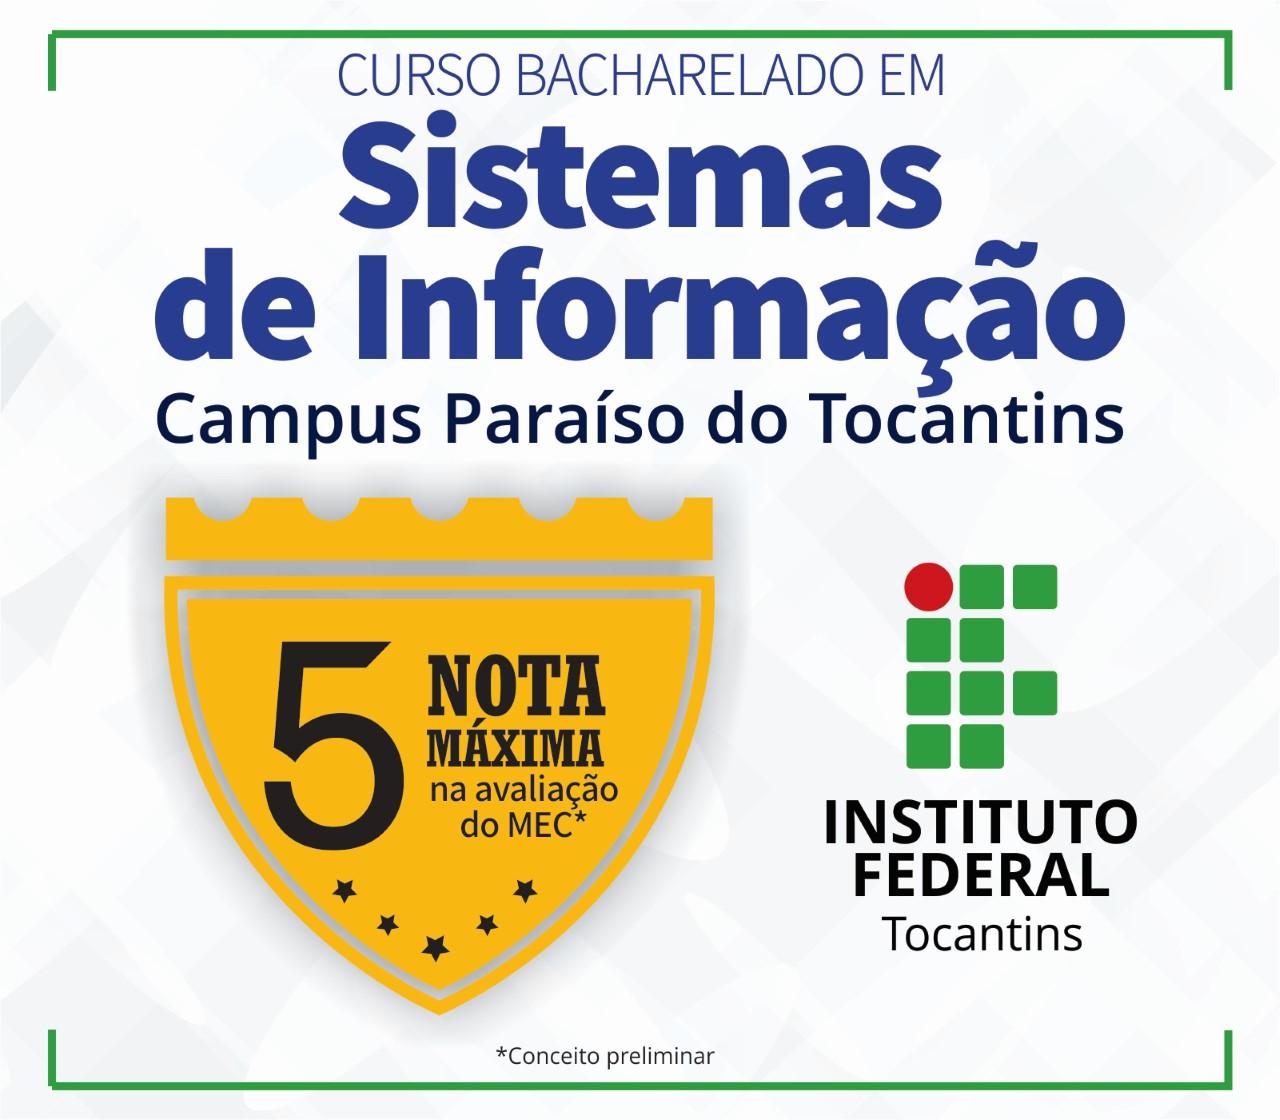 Curso de Sistemas de Informação do IFTO em Paraíso do Tocantins é nota 5 em avaliação do MEC